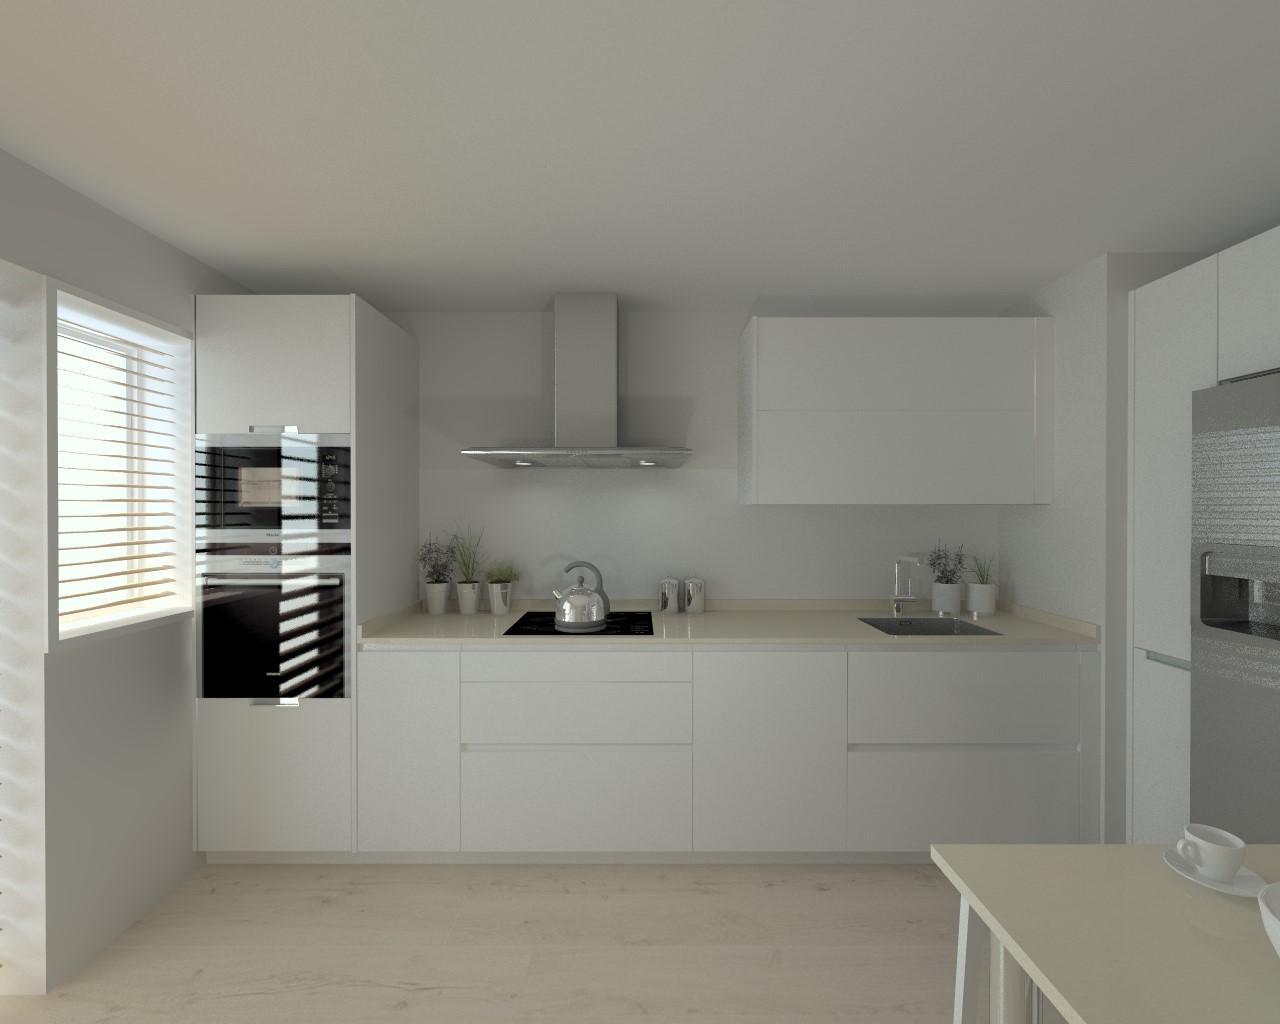 Cocina santos modelo line laminado seda blanco encimera - Encimeras para cocinas ...